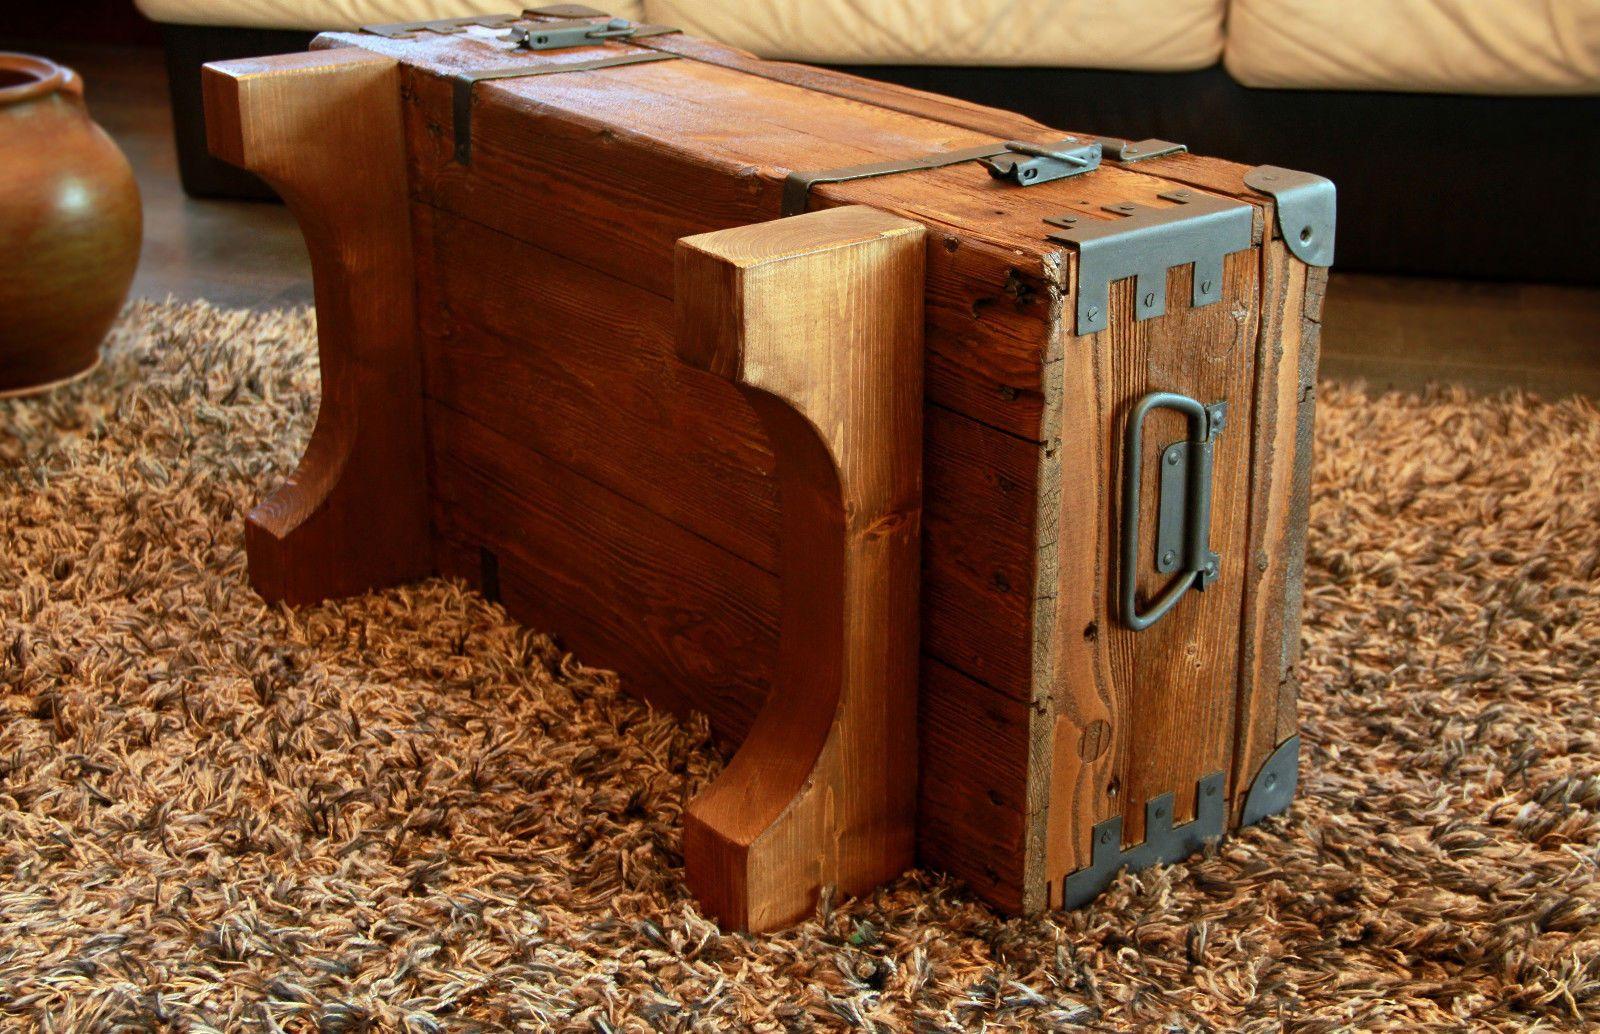 Attraktiv Alte Truhe Kiste Tisch Shabby Chic Holz Beistelltisch Holztruhe Couchtisch  16 12